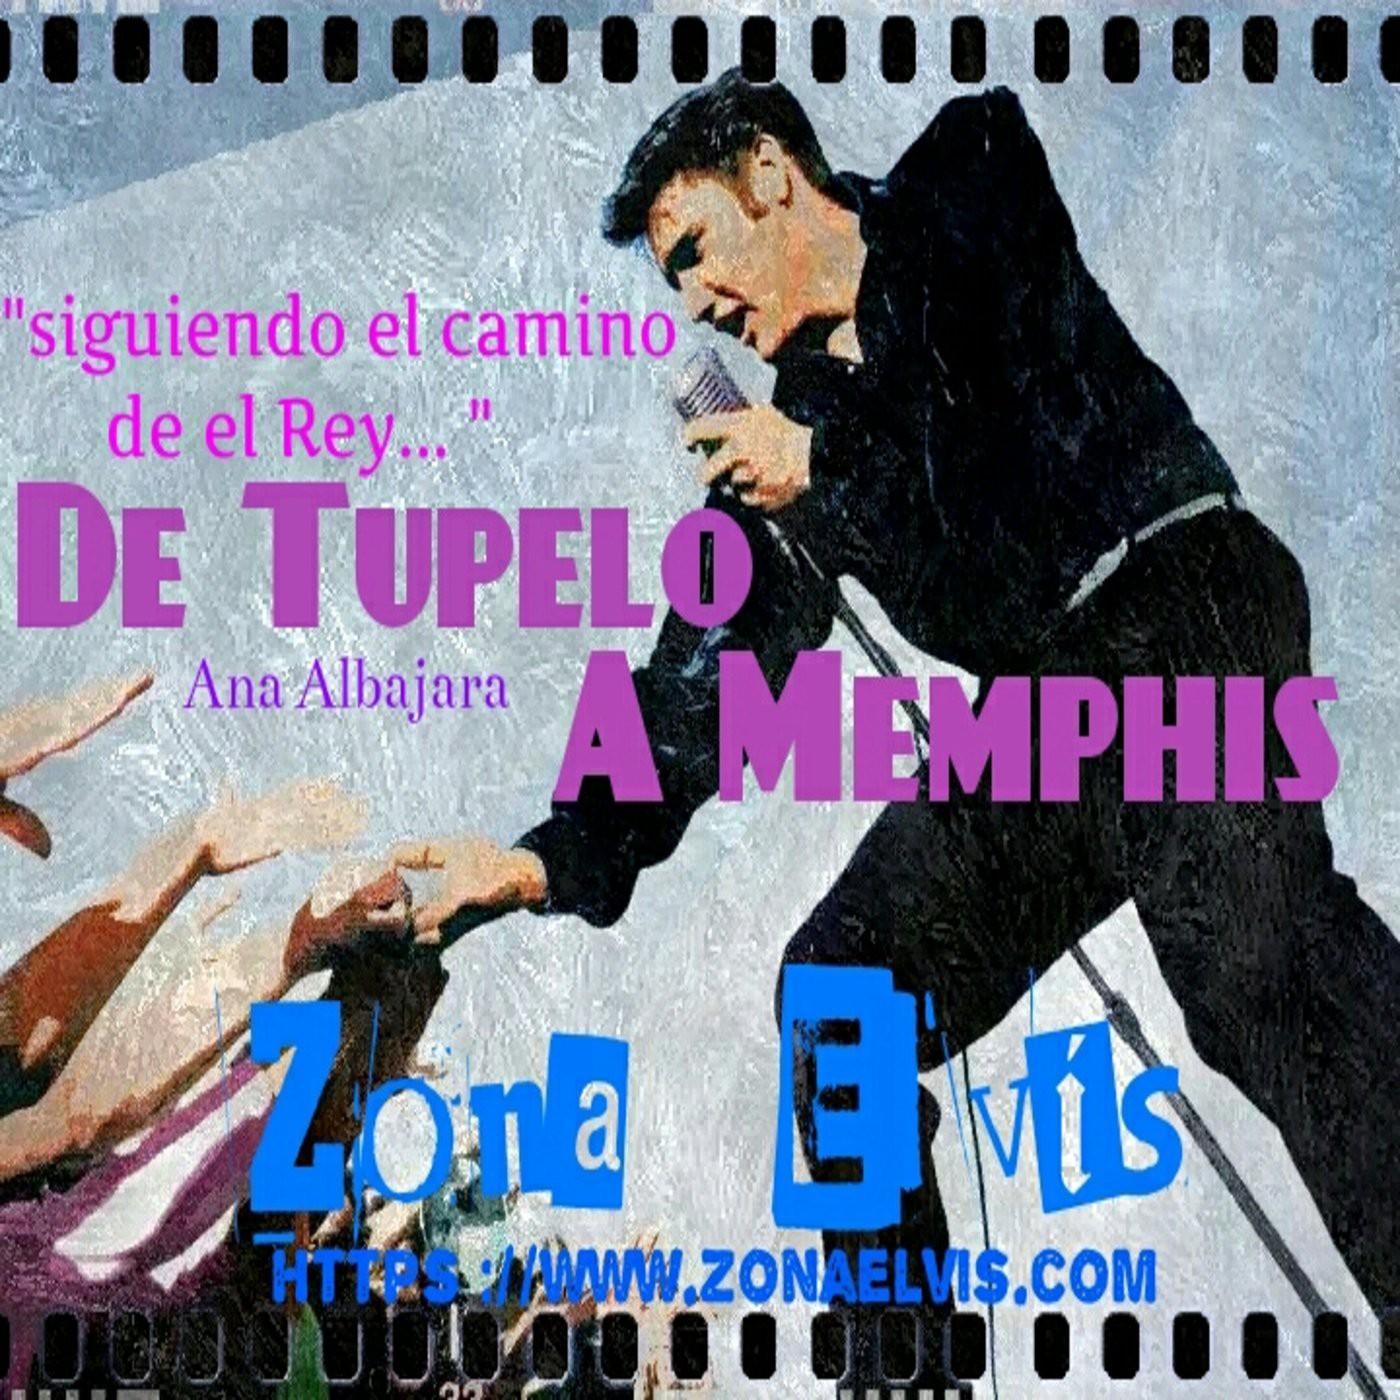 DE TUPELO A MEMPHIS